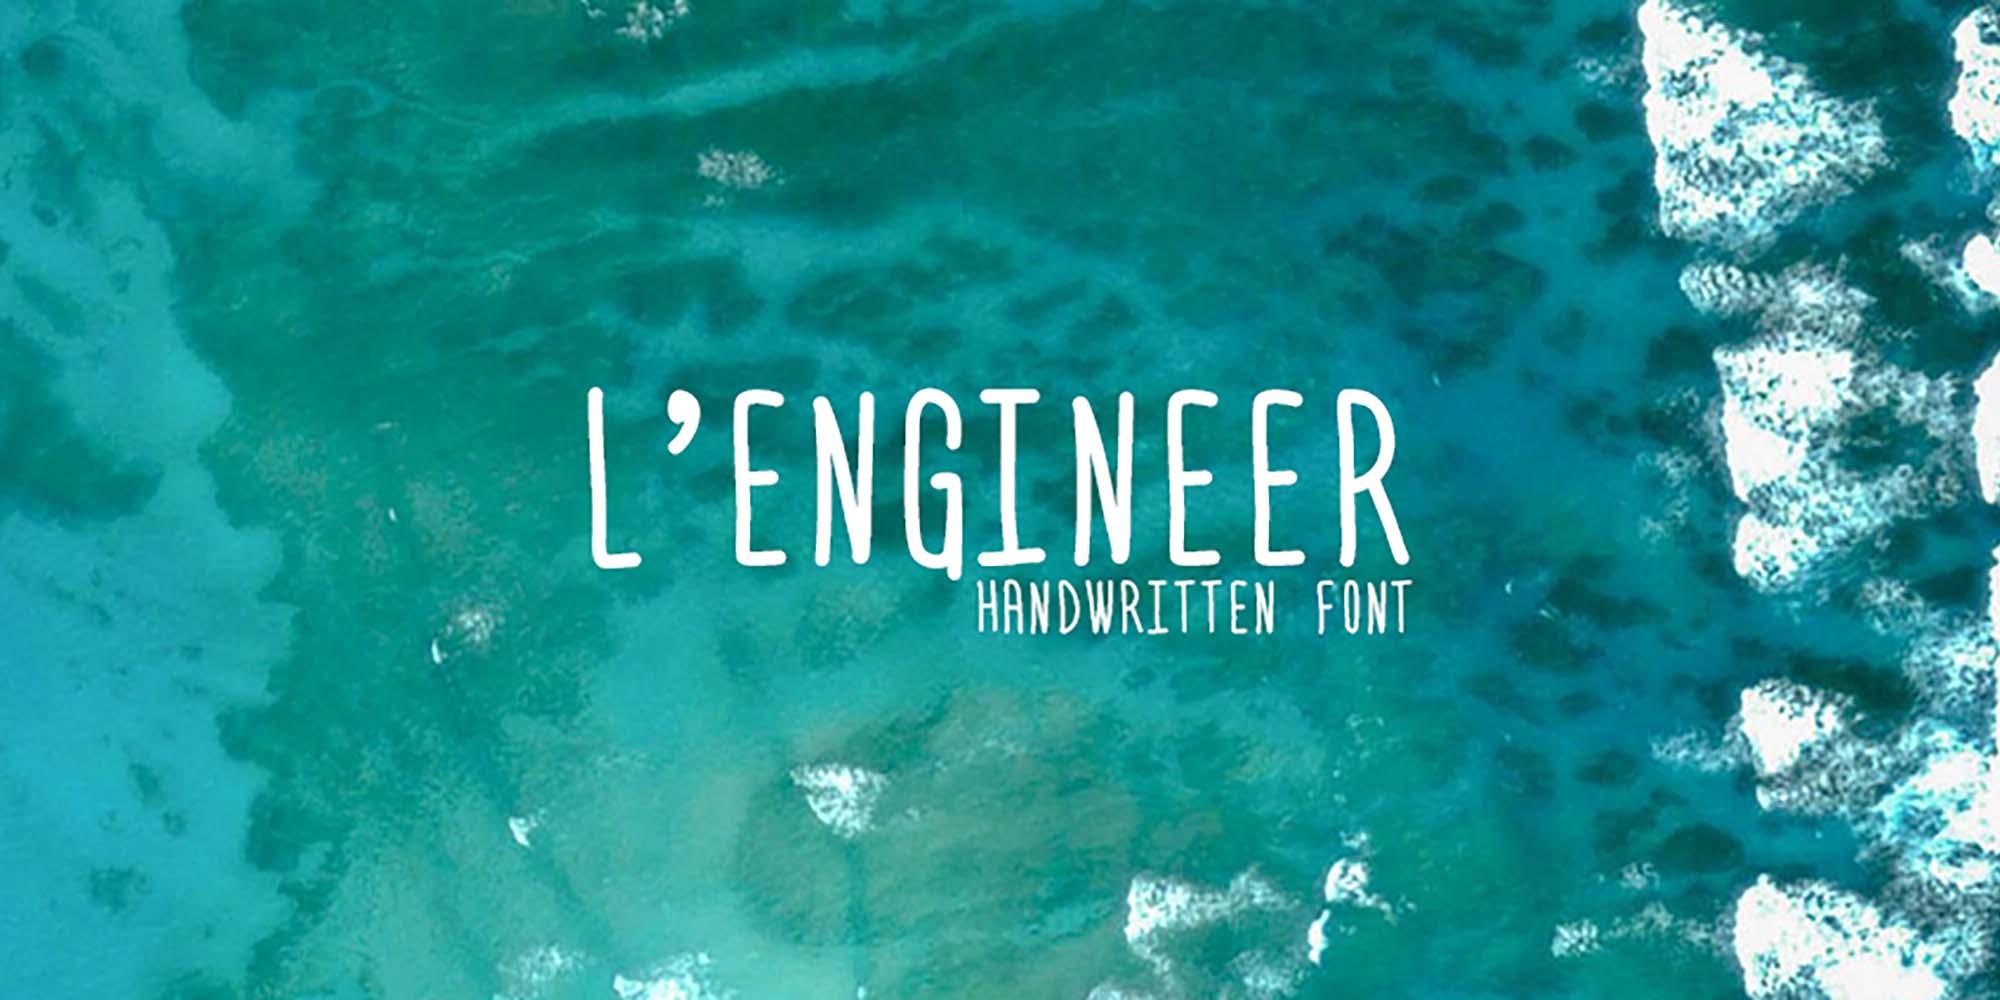 L'Engineer Handwritten Font